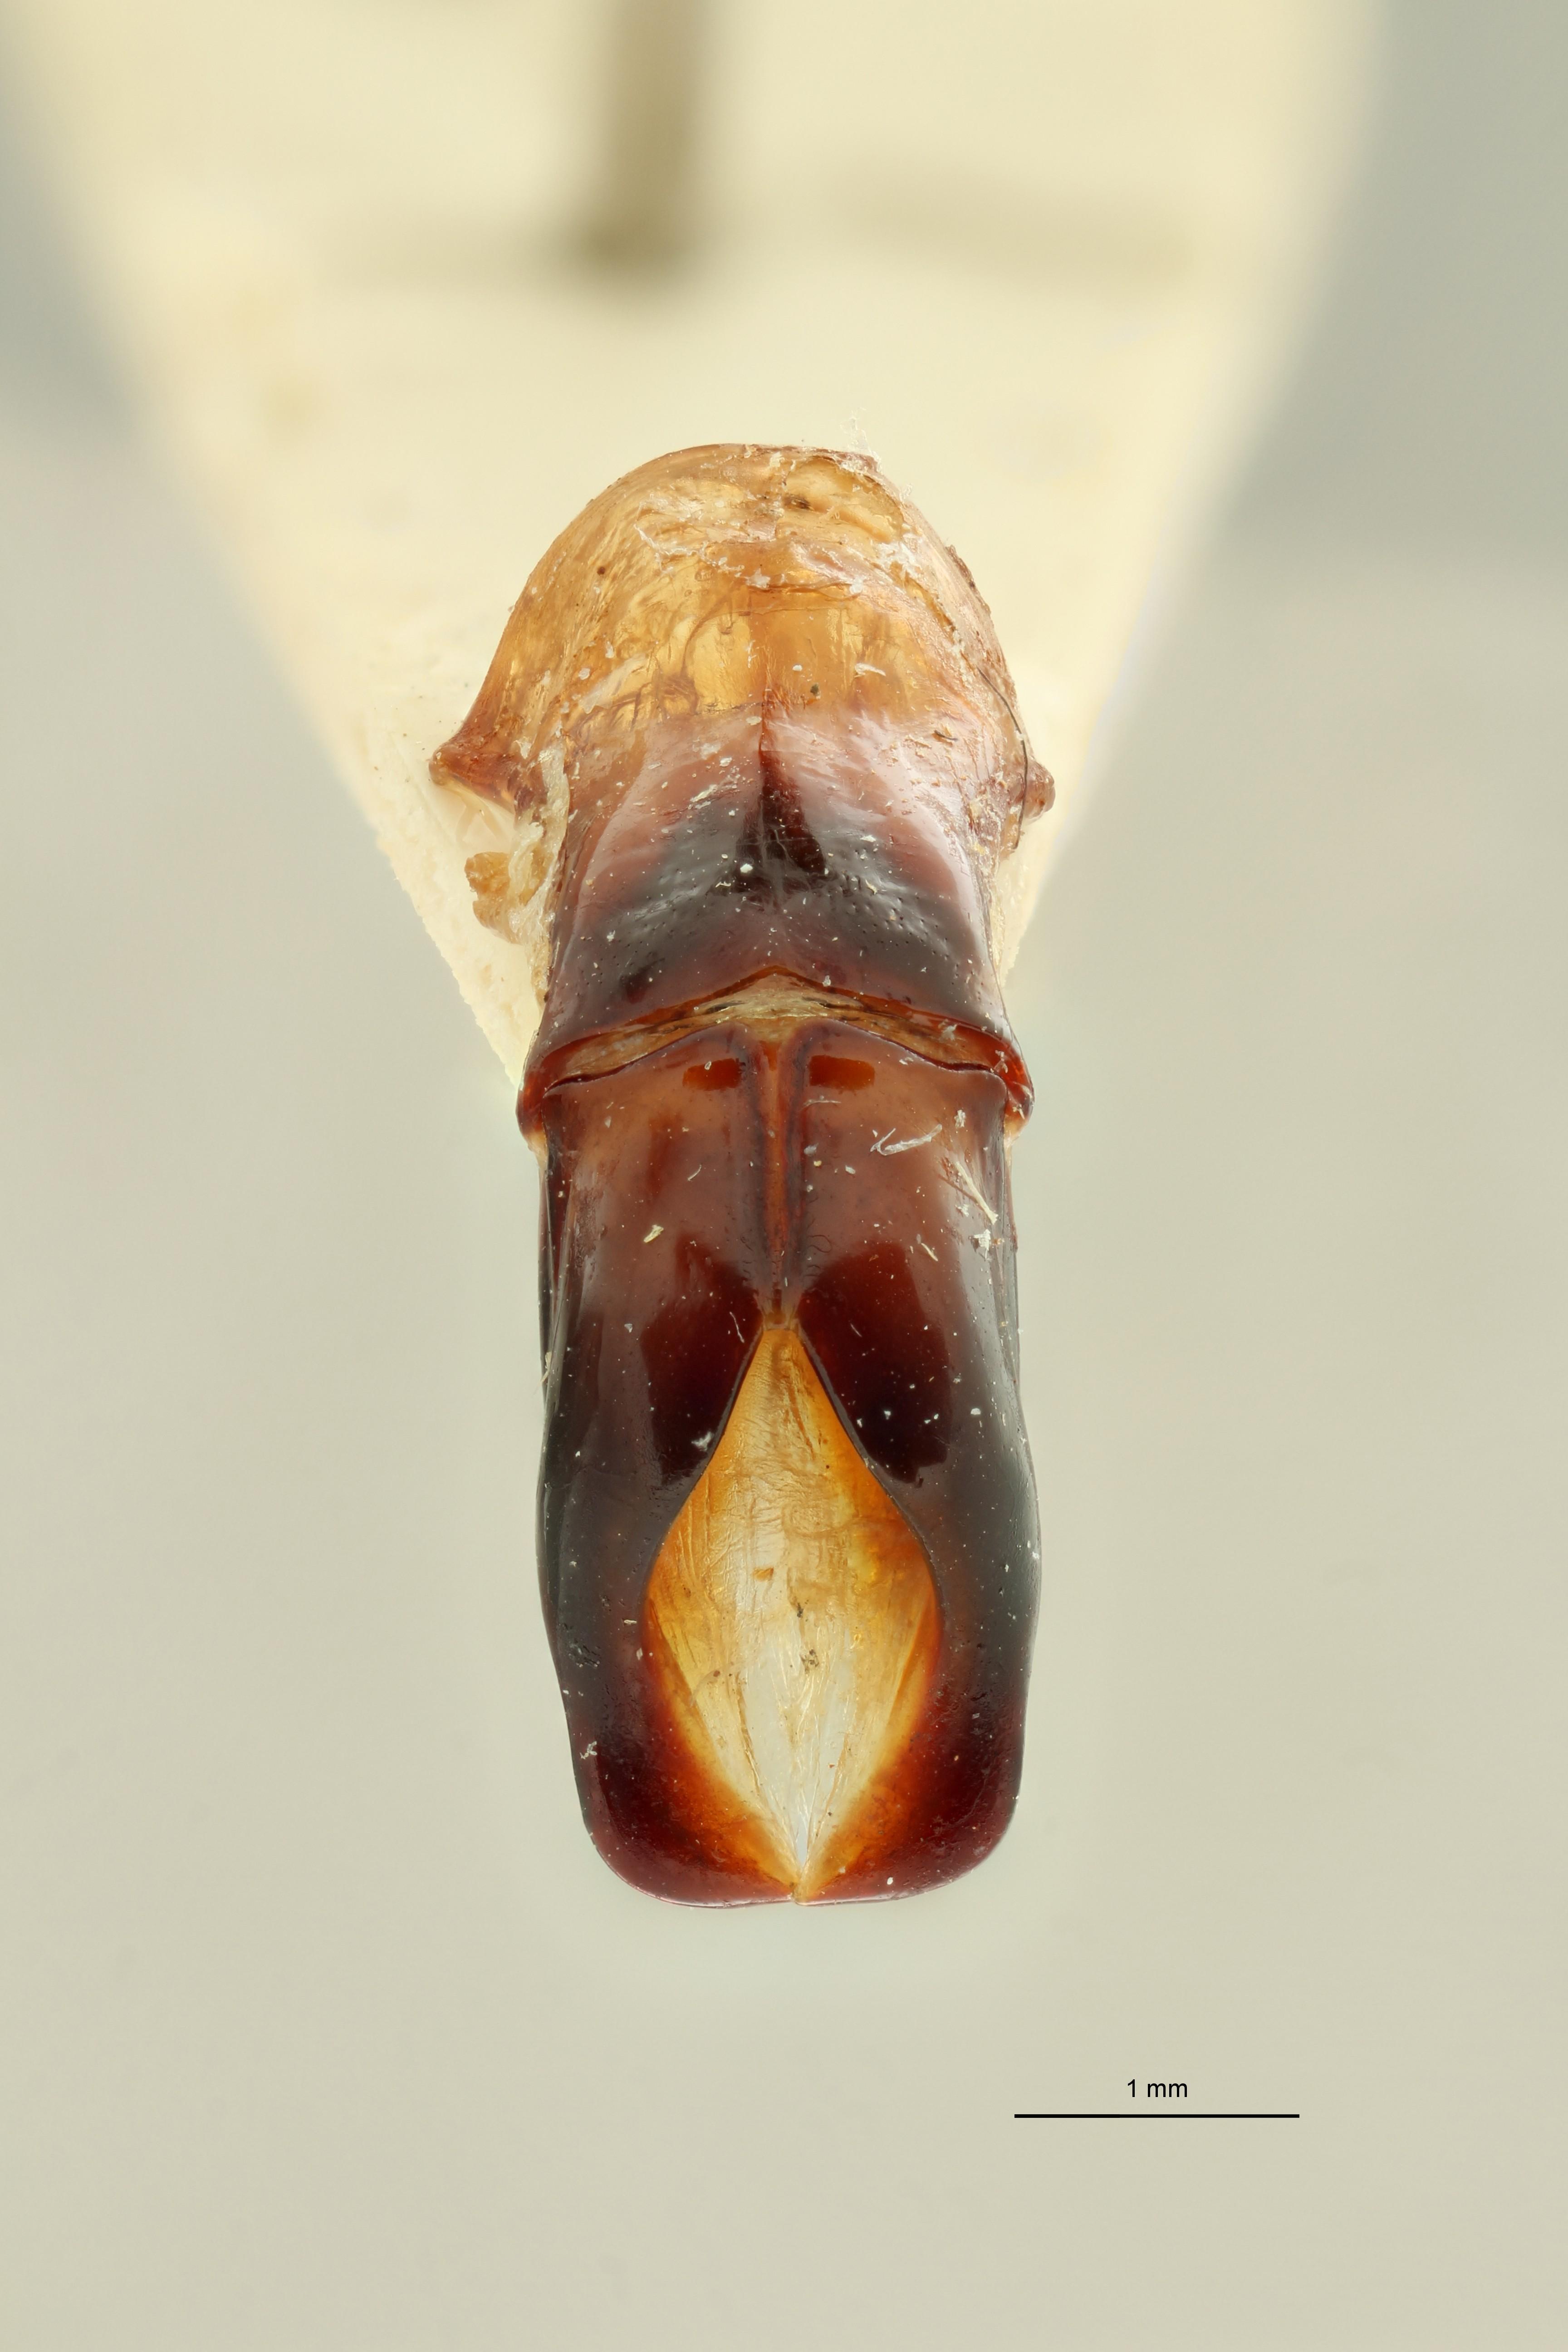 Pachnodoides murphyi ht DGe ZS PMax Scaled.jpeg